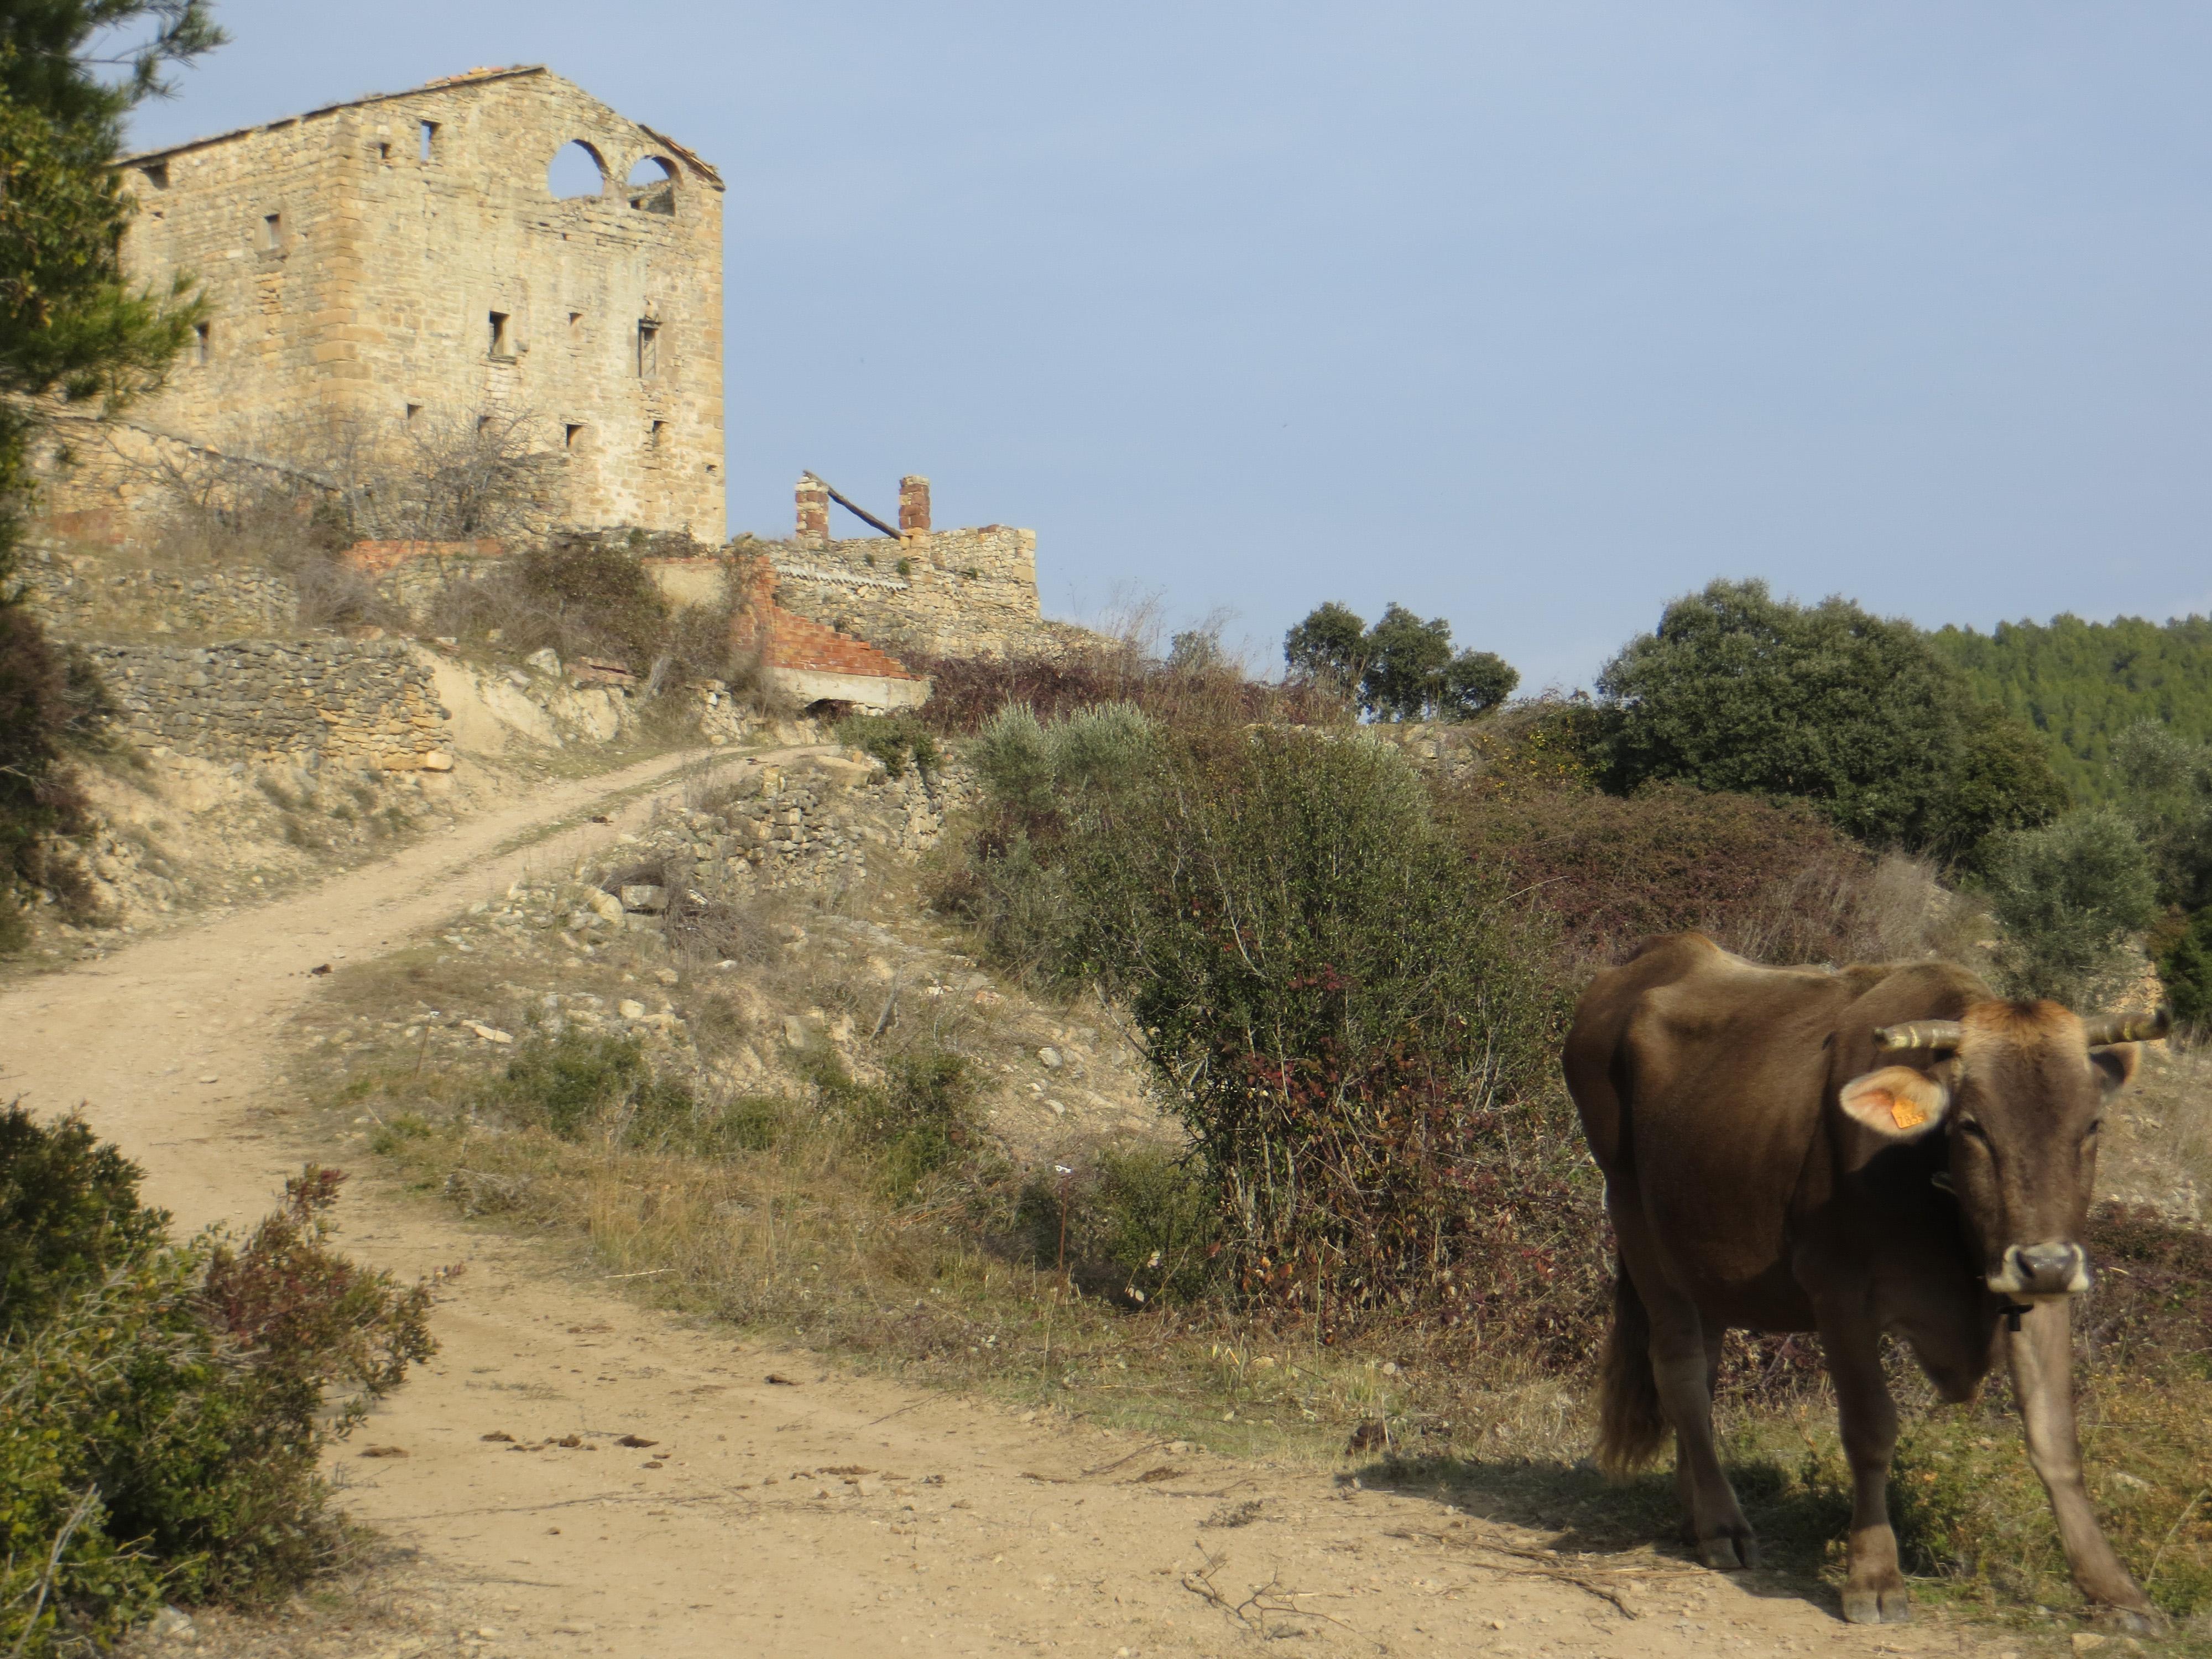 <p><strong>Unitat de Paisatge: </strong>Rubió – Castelltallat – Pinós<strong><br /> </strong></p> <p><strong>Municipi: </strong>Sant Mateu de Bages<strong><br /> </strong></p> <p><strong>Autor: </strong>Diputació de Barcelona. Of. Tècnica de Planificació i Anàlisi Territorial</p> <p><strong>Crèdit:</strong> Arxiu d'imatges de l'Observatori del Paisatge de Catalunya</p> <p><strong>Reproducció:</strong> CC BY-NC-ND 4.0</p>  <a href='http://arxiu.catpaisatge.net/wp-content/uploads/2019/04/Sant-Mateu-de-Bages-Bages-Rubio-Castelltallat-Pinos.jpg'' class='download-button' download>Descarrega</a> <a href='http://arxiu.catpaisatge.net/cercador/?details.vm?q=id:0000006509' target='blank' class='fitxa-button' >Fitxa</a>